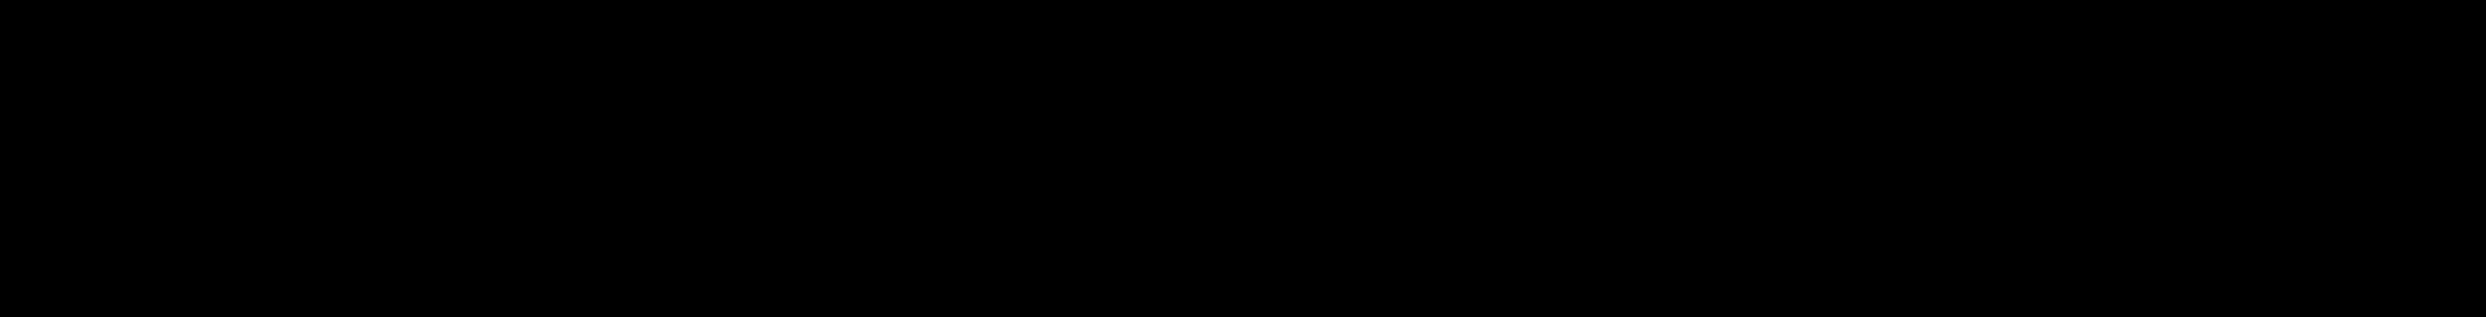 Logo da Loblaw Digital